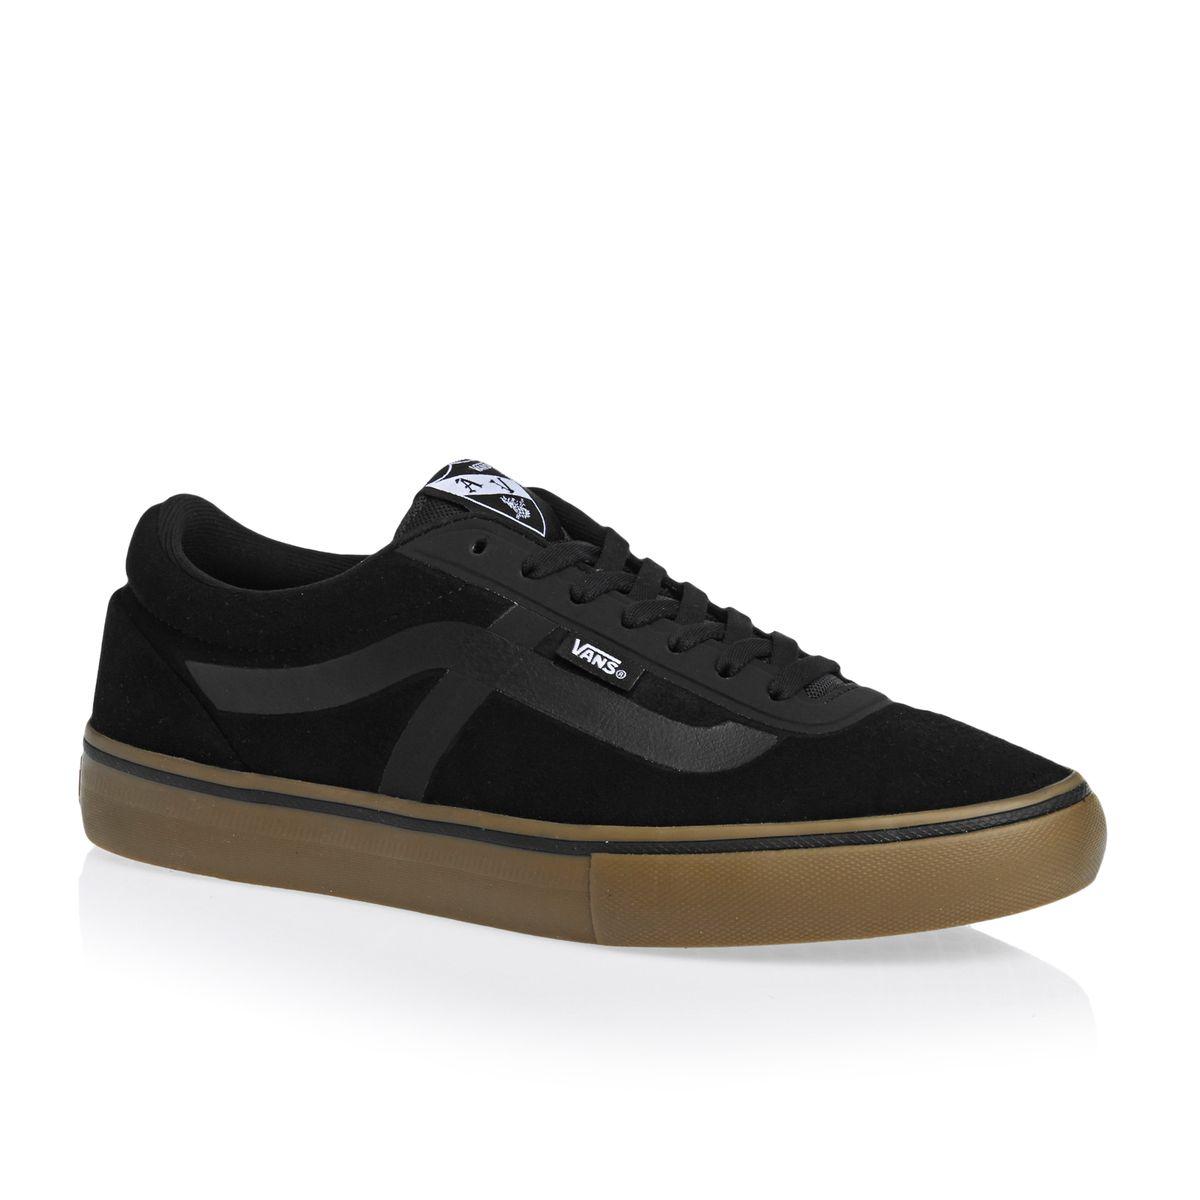 7d175c60692a0b Vans AV Weld Pro - Black  Gum